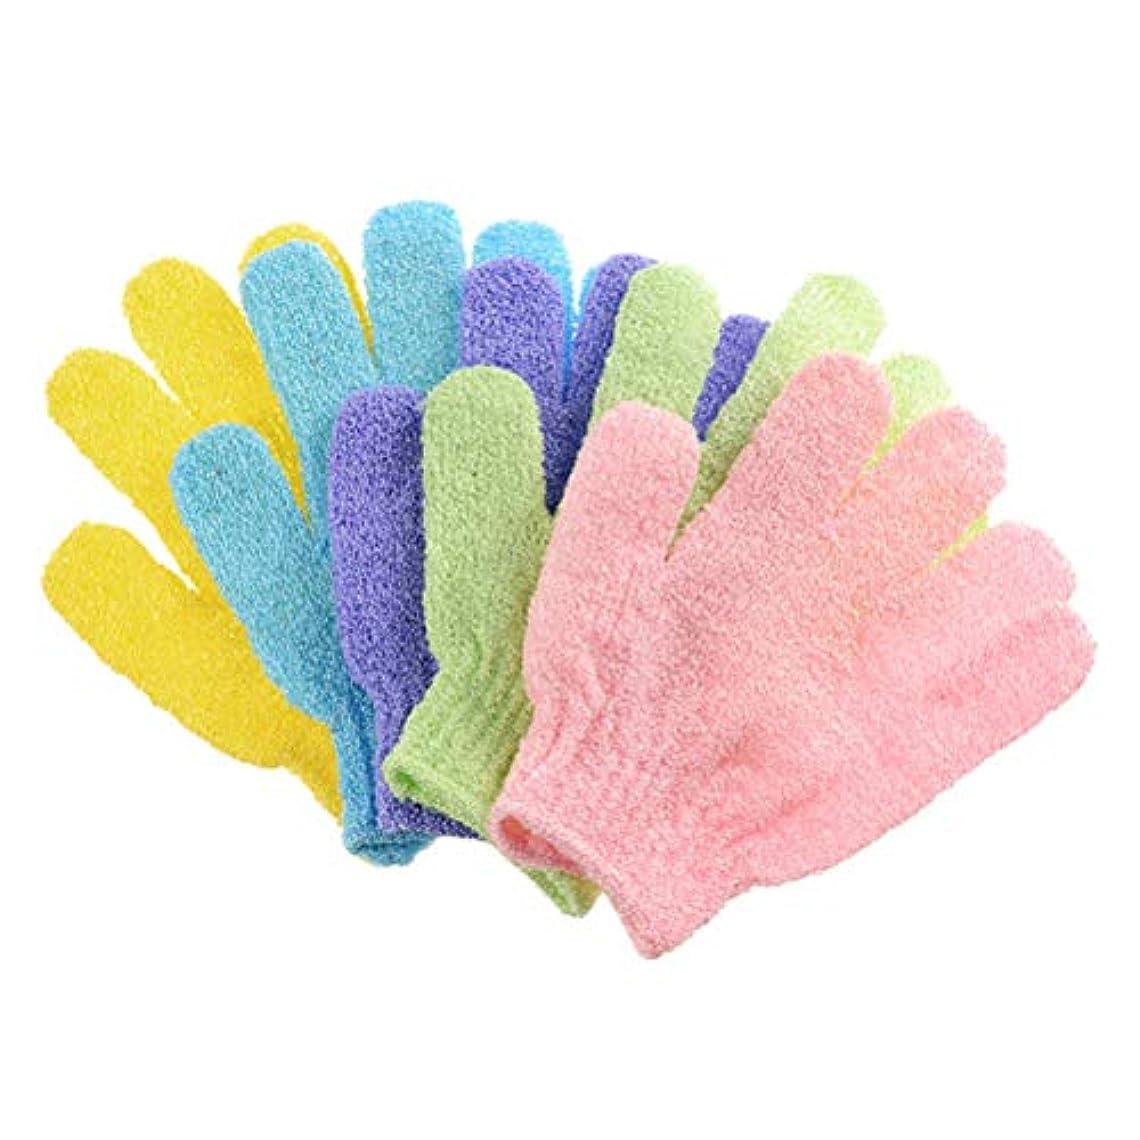 孤独なプレーヤーアクロバットTOPBATHY 20ピースバスウォッシュタオル剥離バスクロス手袋バックスクラバーバスクロスタオルボディ用入浴用シャワースパ(混色)